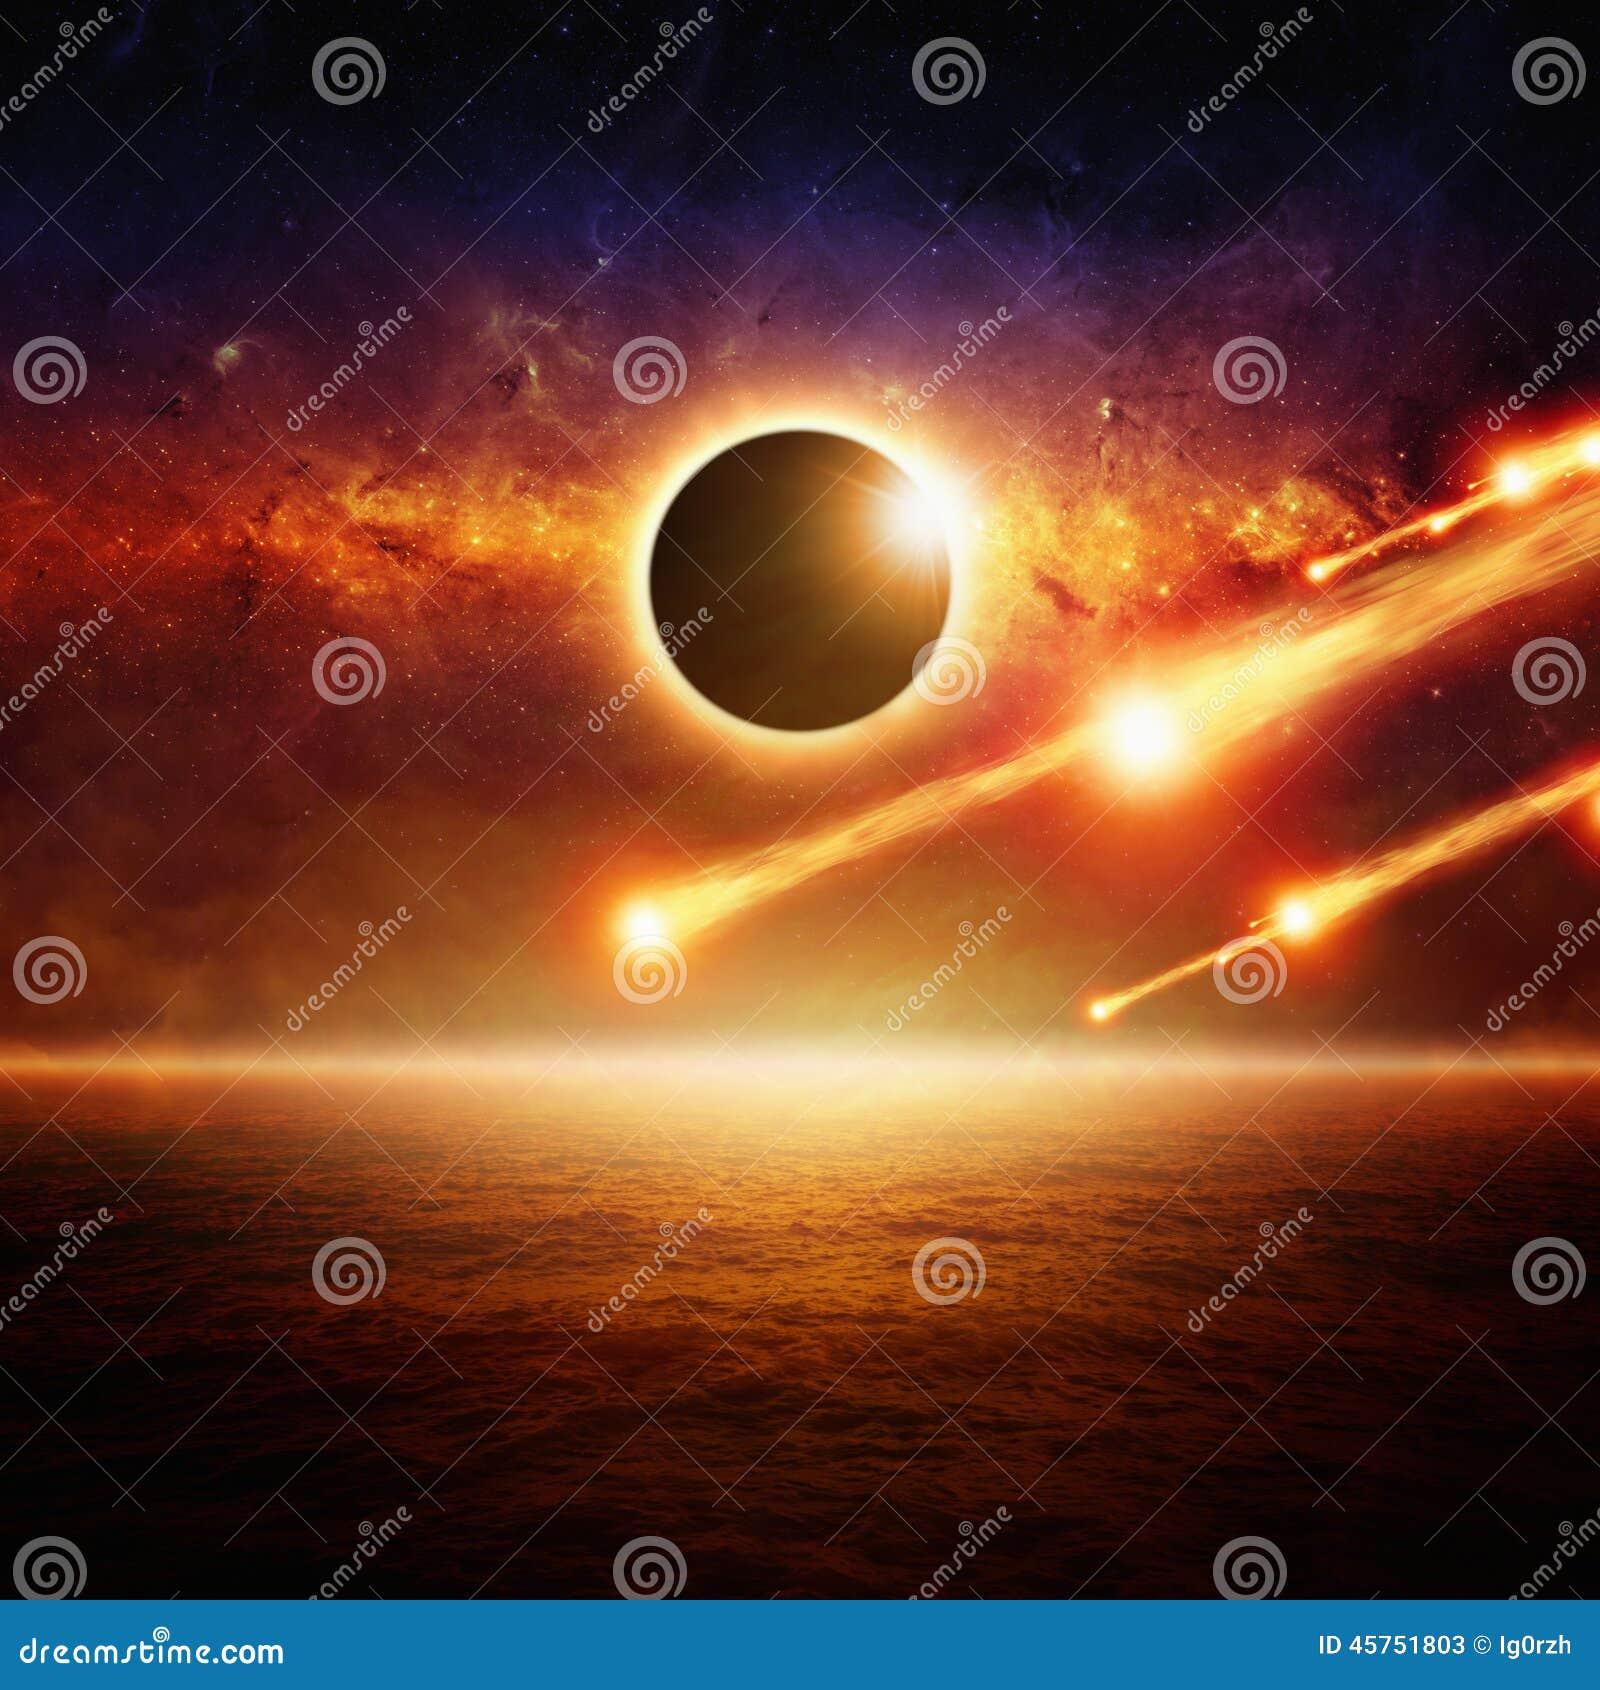 Volledige zon eclipce, stervormig effect